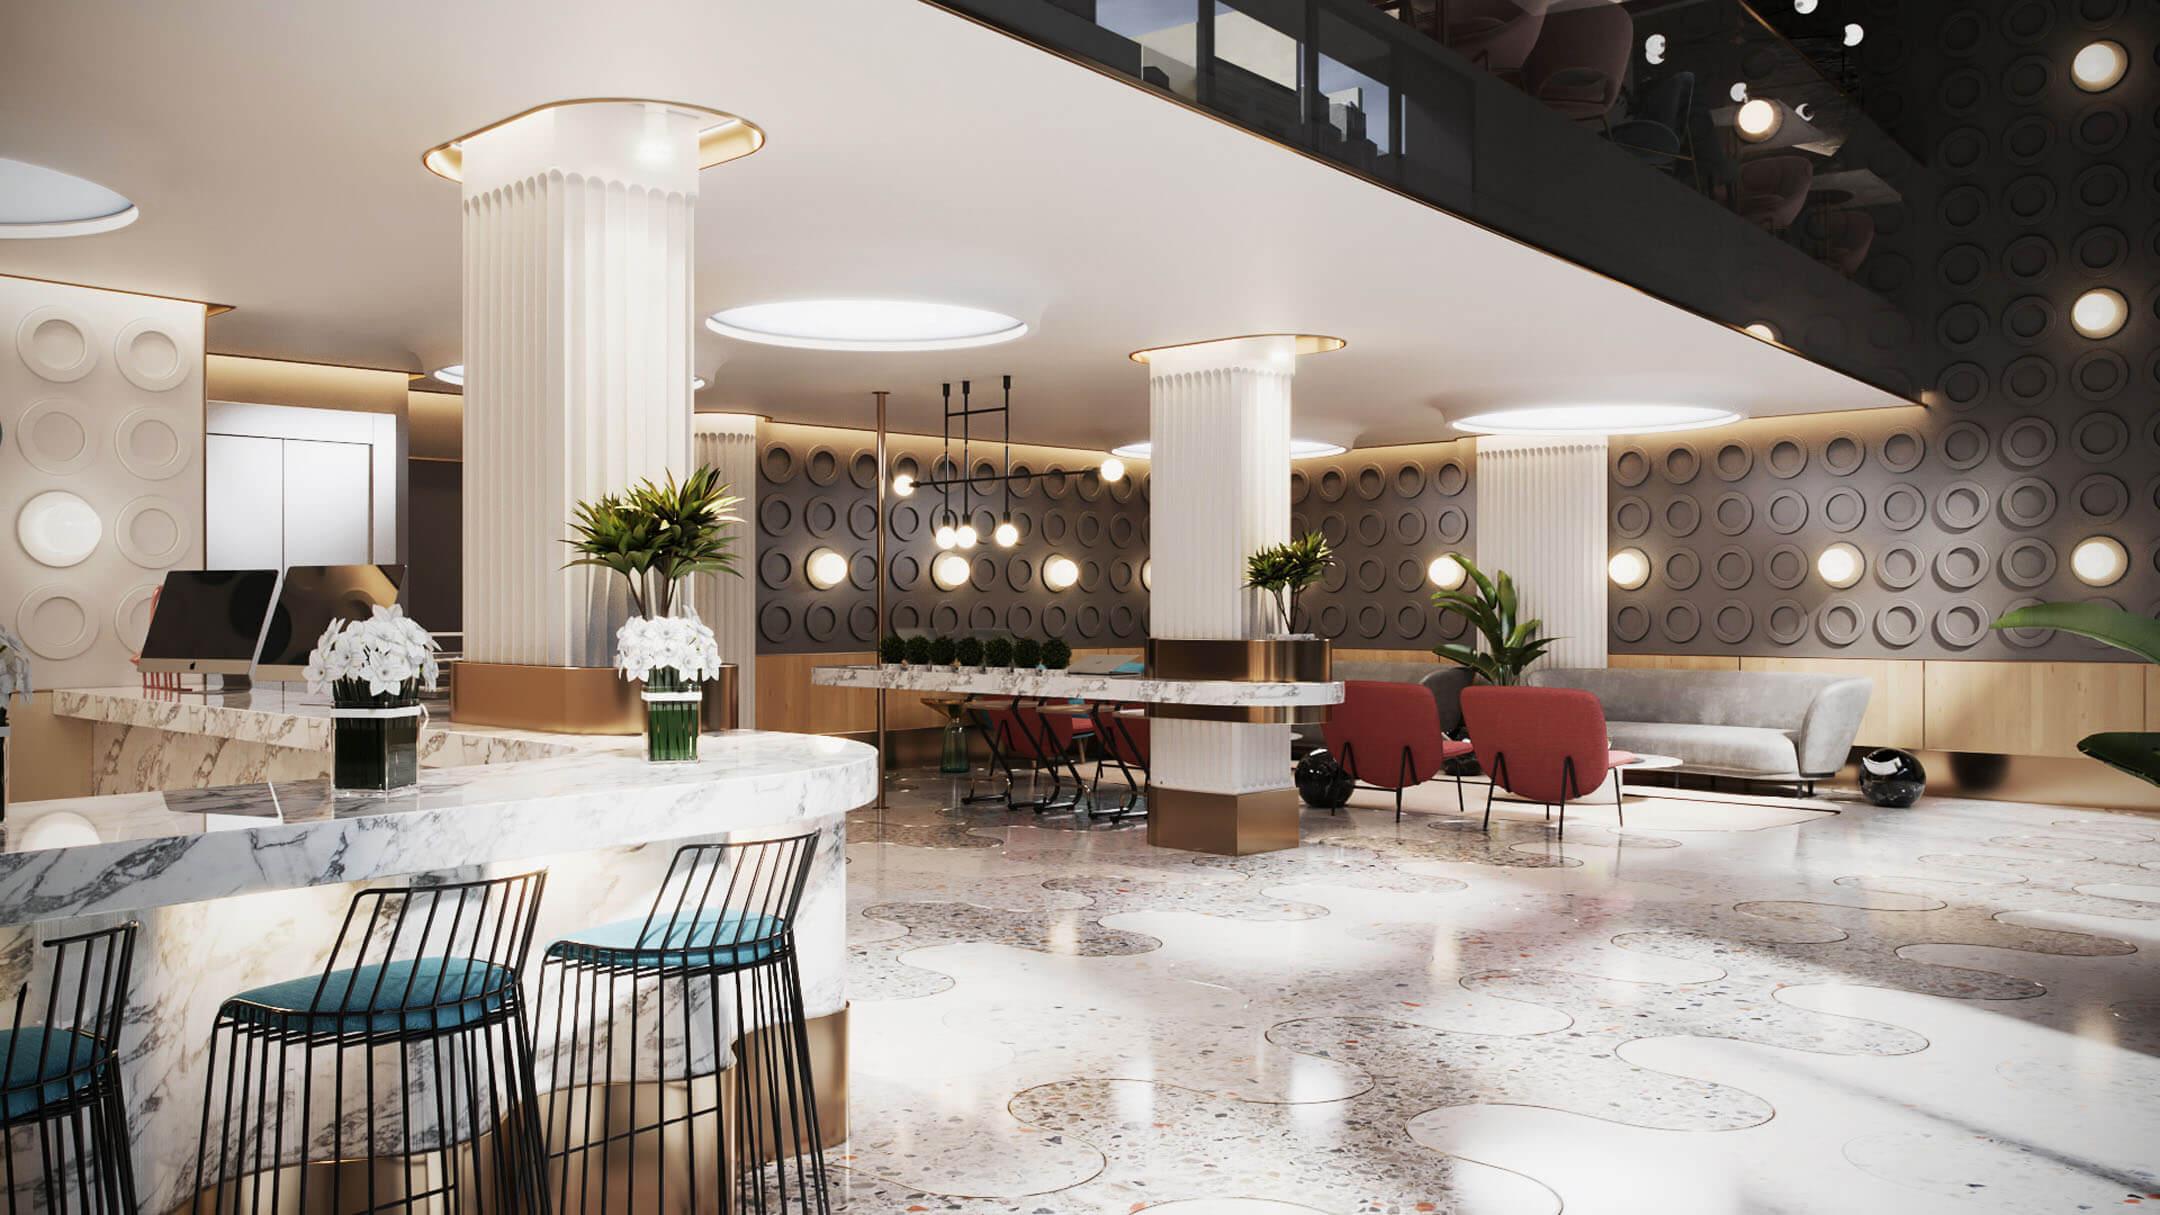 Hotel Interior Design Rendering for Online Portfolio